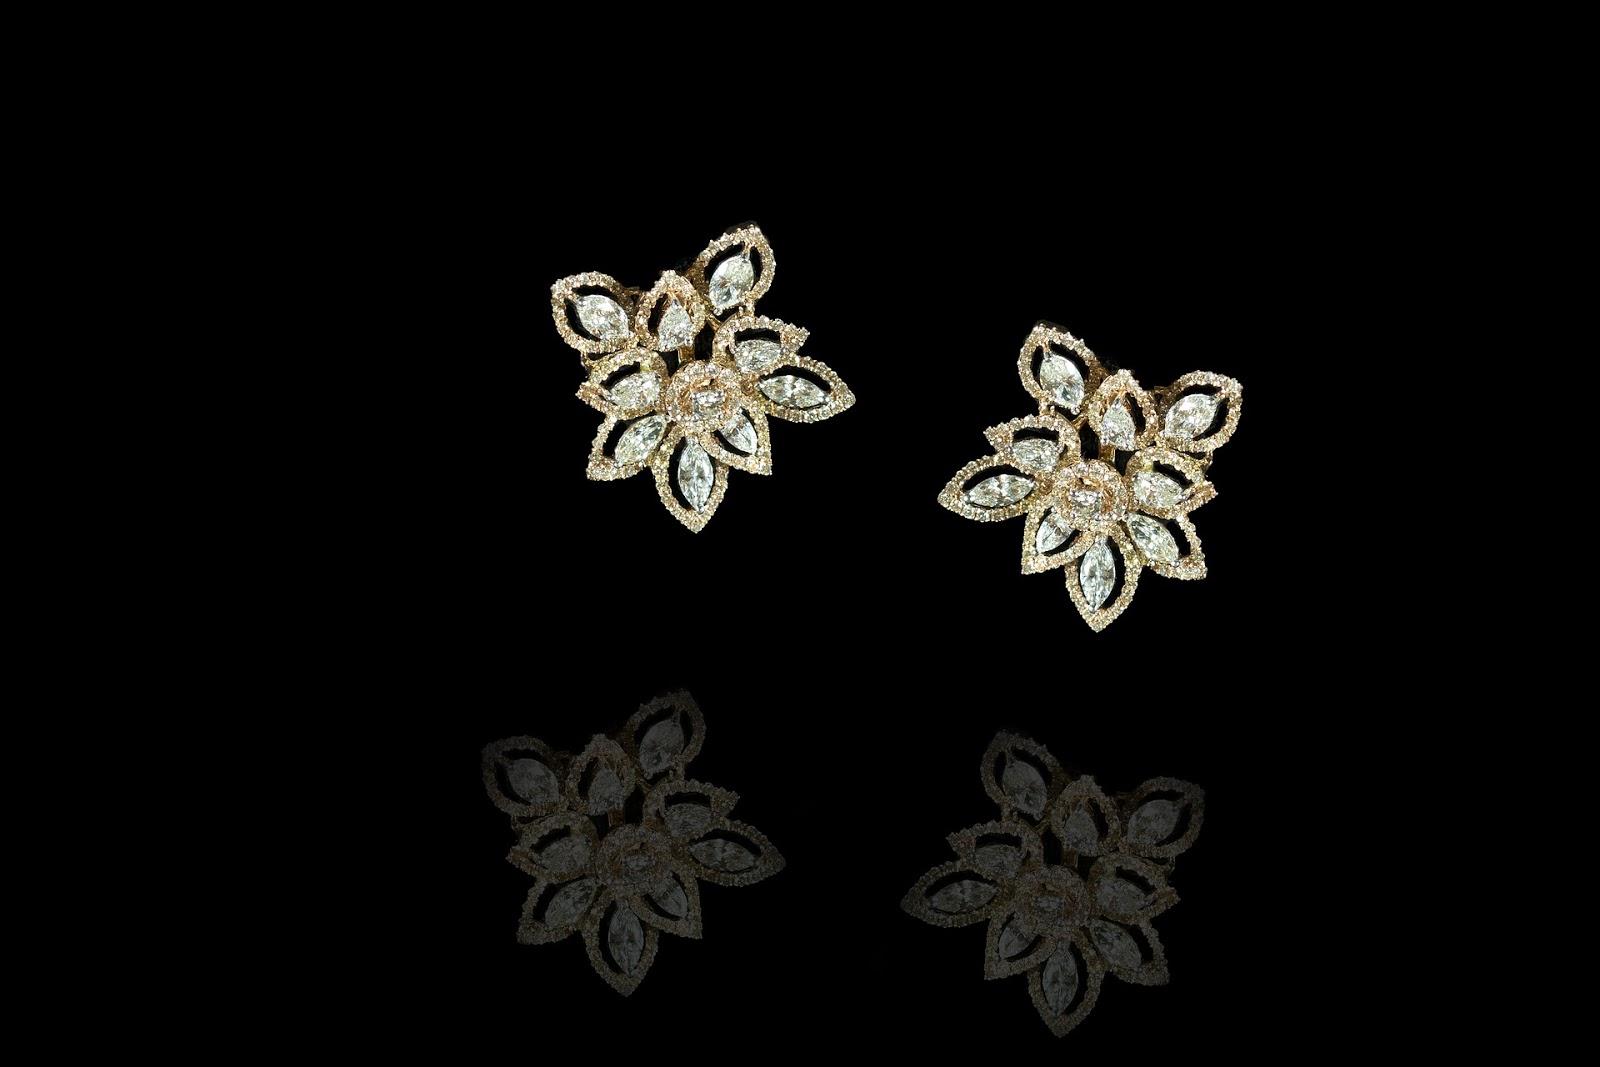 Biżuteria vintage: 7 unikatowych przedmiotów na prezent